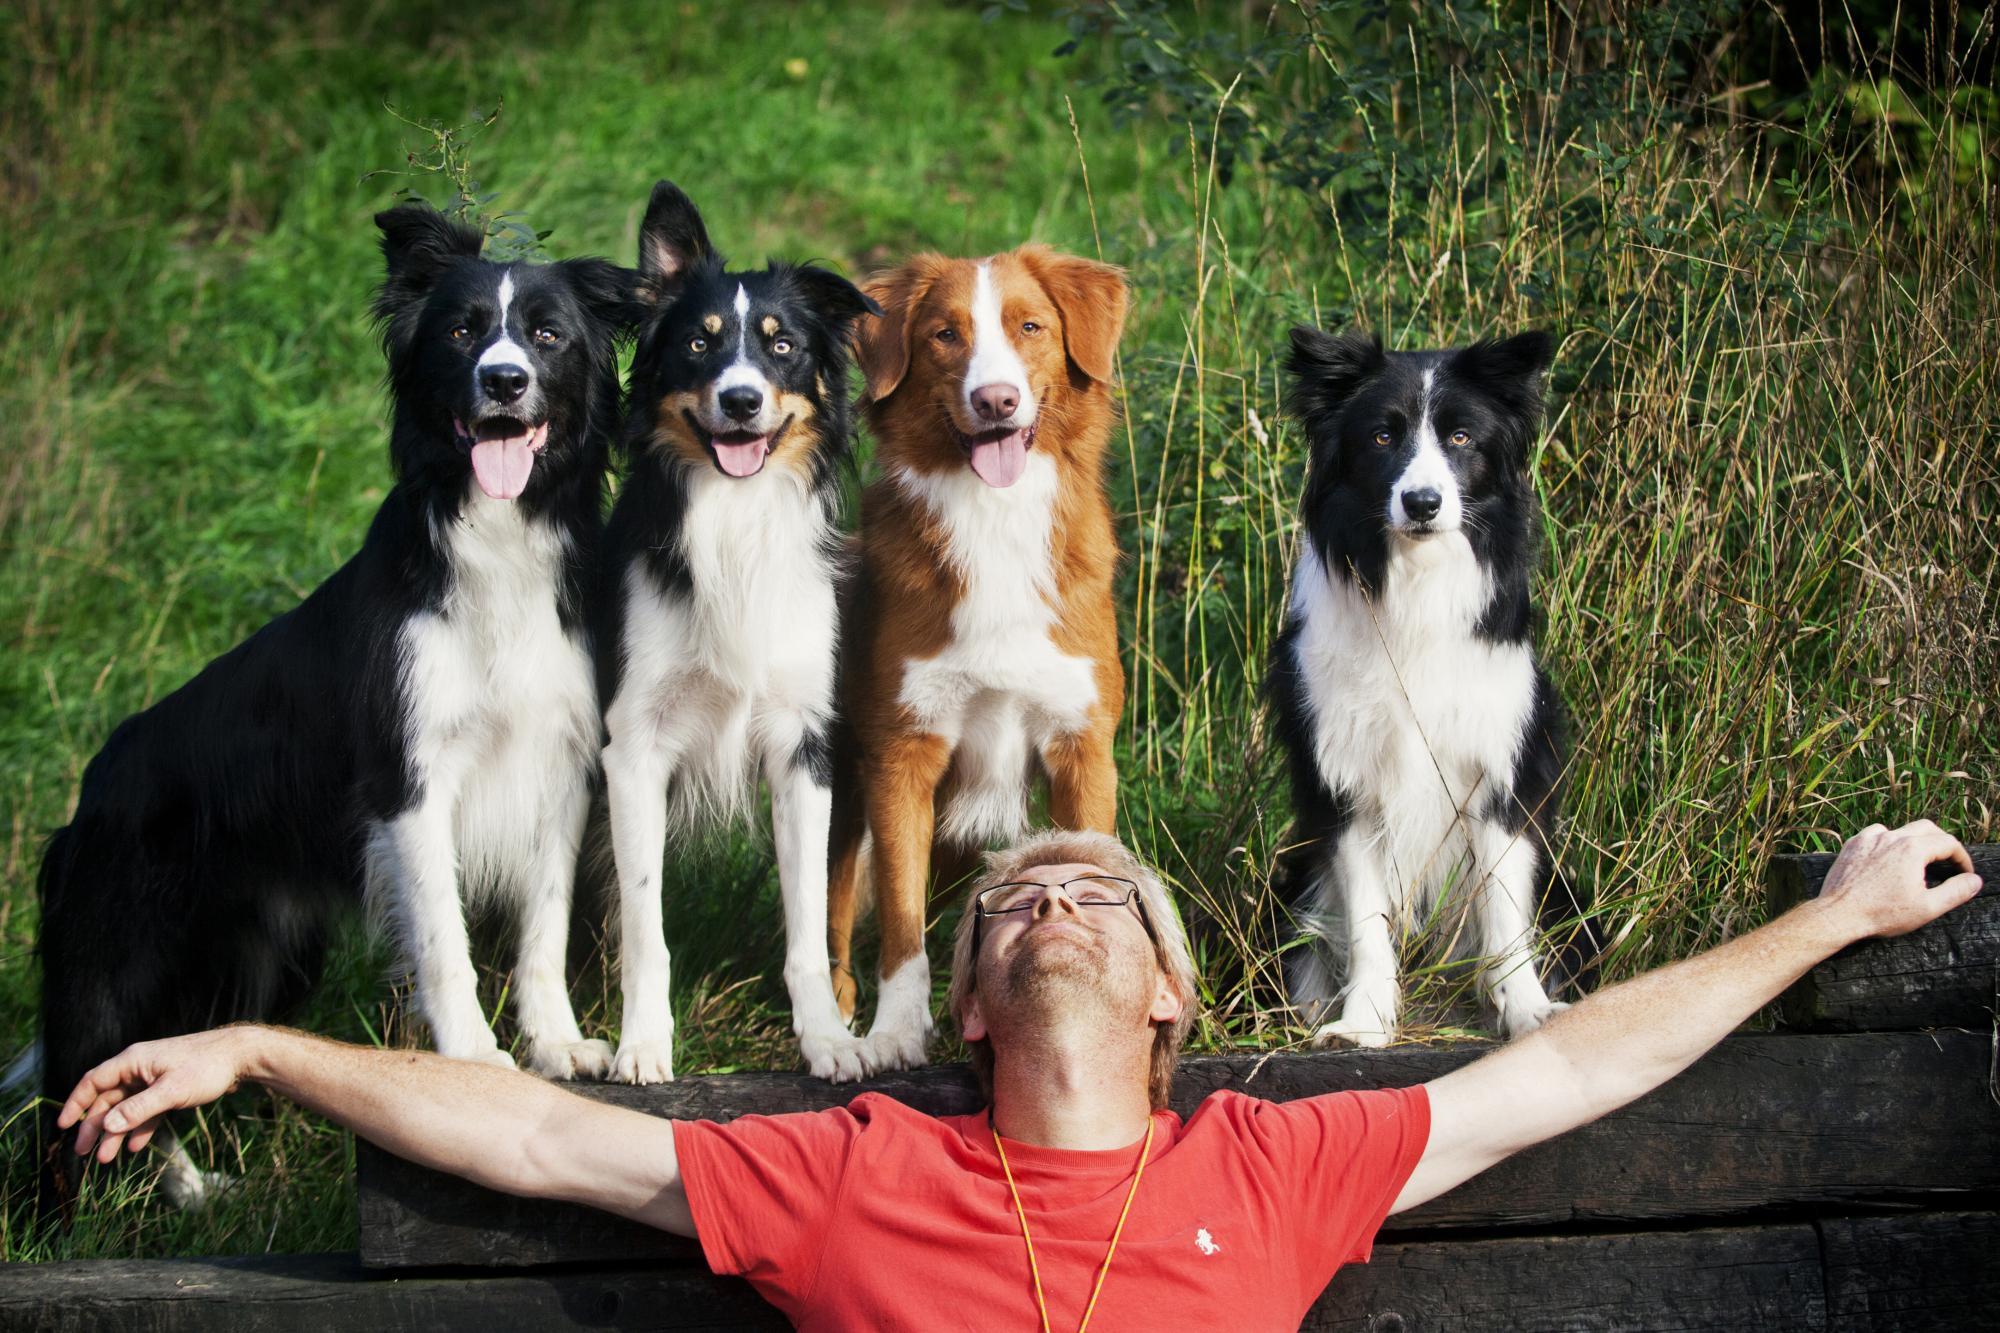 Kenth tillsammans med hundarna Jippie, Feo, Skoj och Kes. Titta på bilden, visst kan man nästan ana de olika hundarnas personlighet? Jippie är orädd och lättsam, Feo gladlynt, Skoj är positiv men inte så bra på att ta motgångar och Kes en smula lynnig och misstänksam.